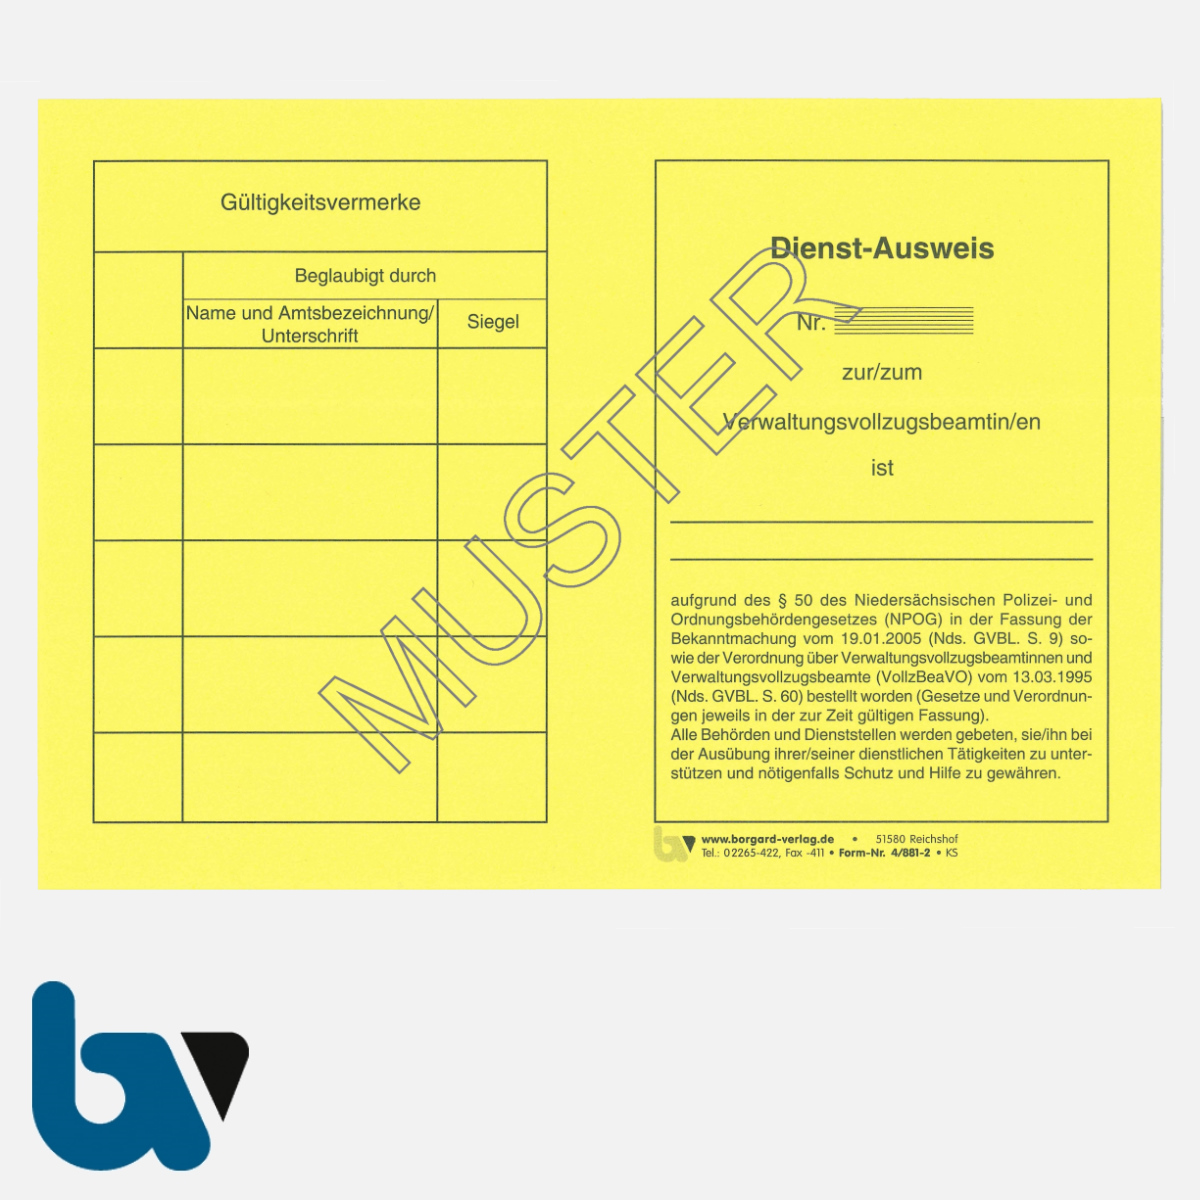 4/881-2 Dienstausweis Verwaltungsvollzugsbeamte Niedersachsen NPOG Polizei Ordnungsbehördengesetz Neobond gelb DIN A5 A6 Vorderseite| Borgard Verlag GmbH